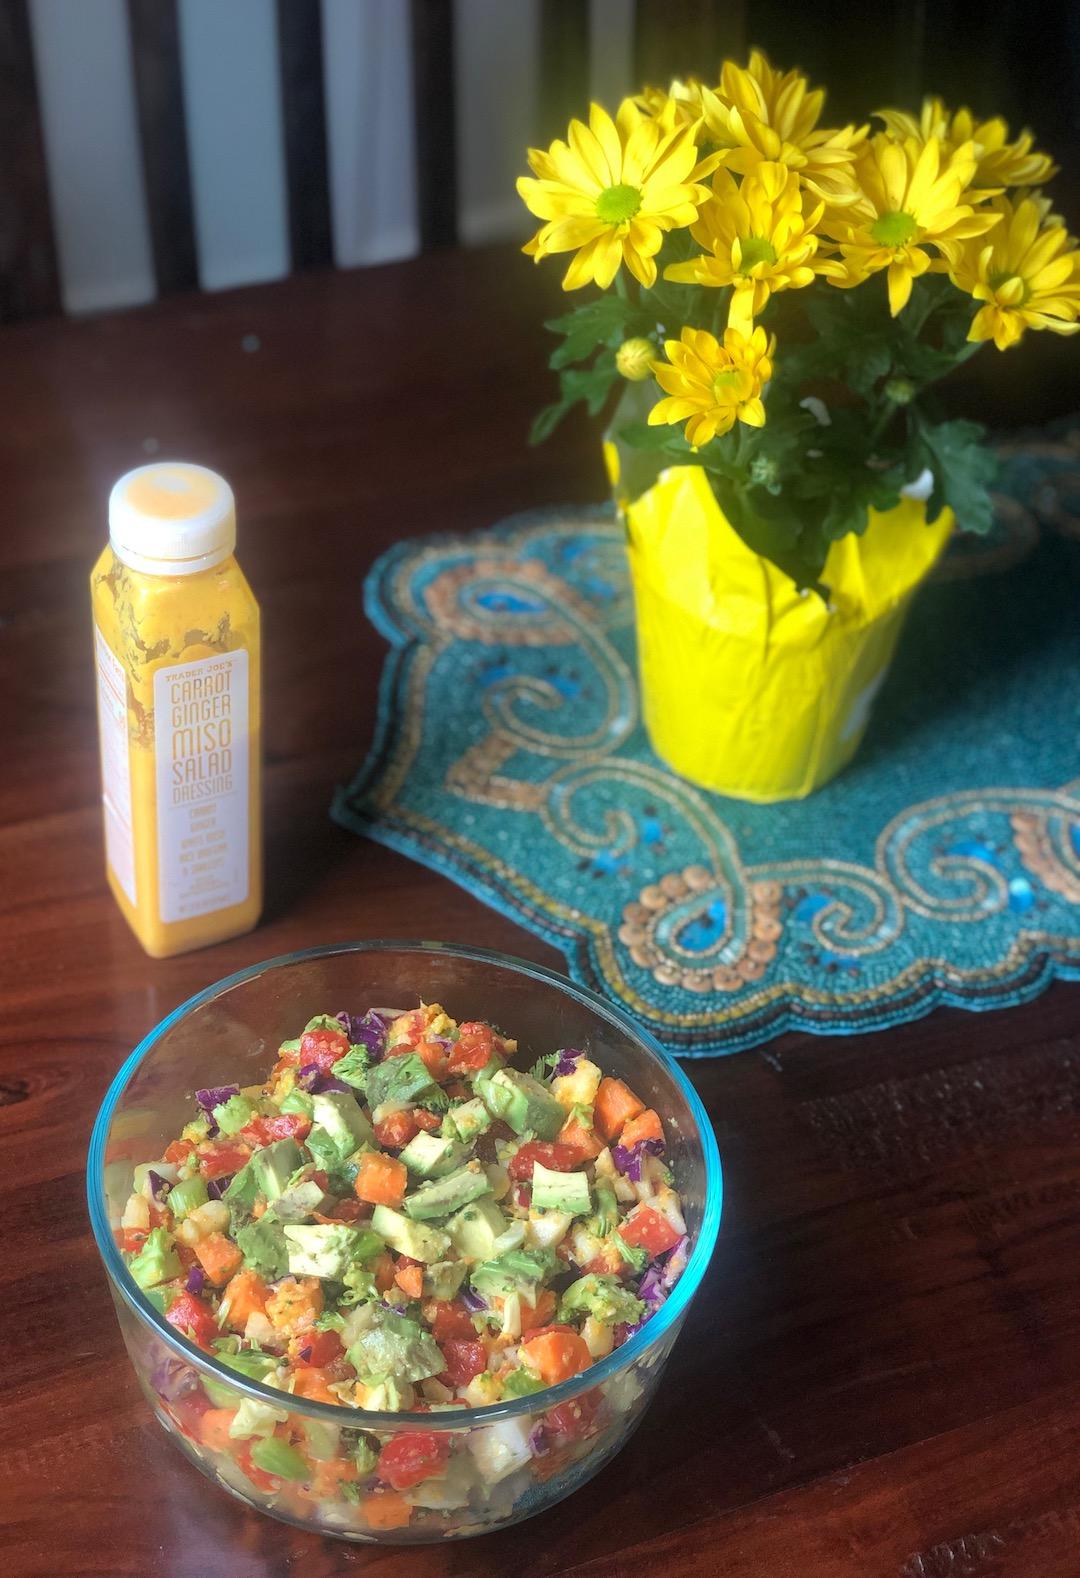 AAY Nutrition Trader Joe's Carrot Ginger Salad Dish